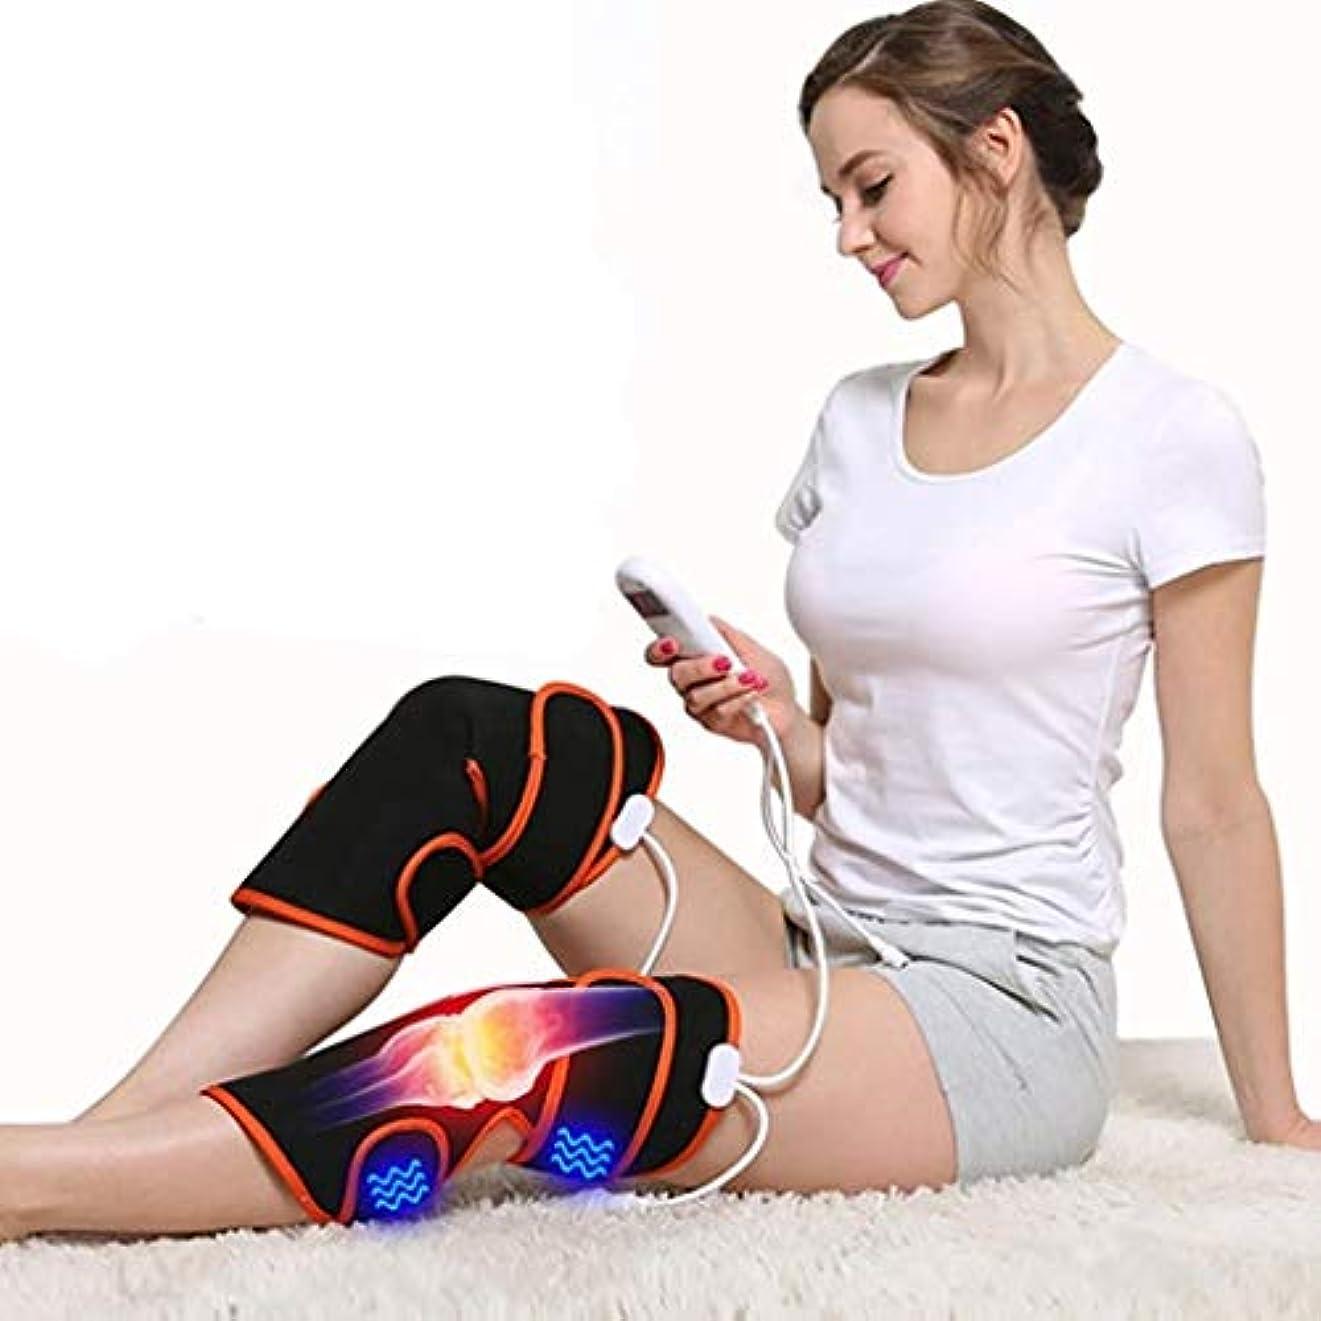 眠っている病気の凝視レッグマッサージャー、膝用電熱パッド、9種類のマッサージモードと5種類の調整可能な温かい温熱療法